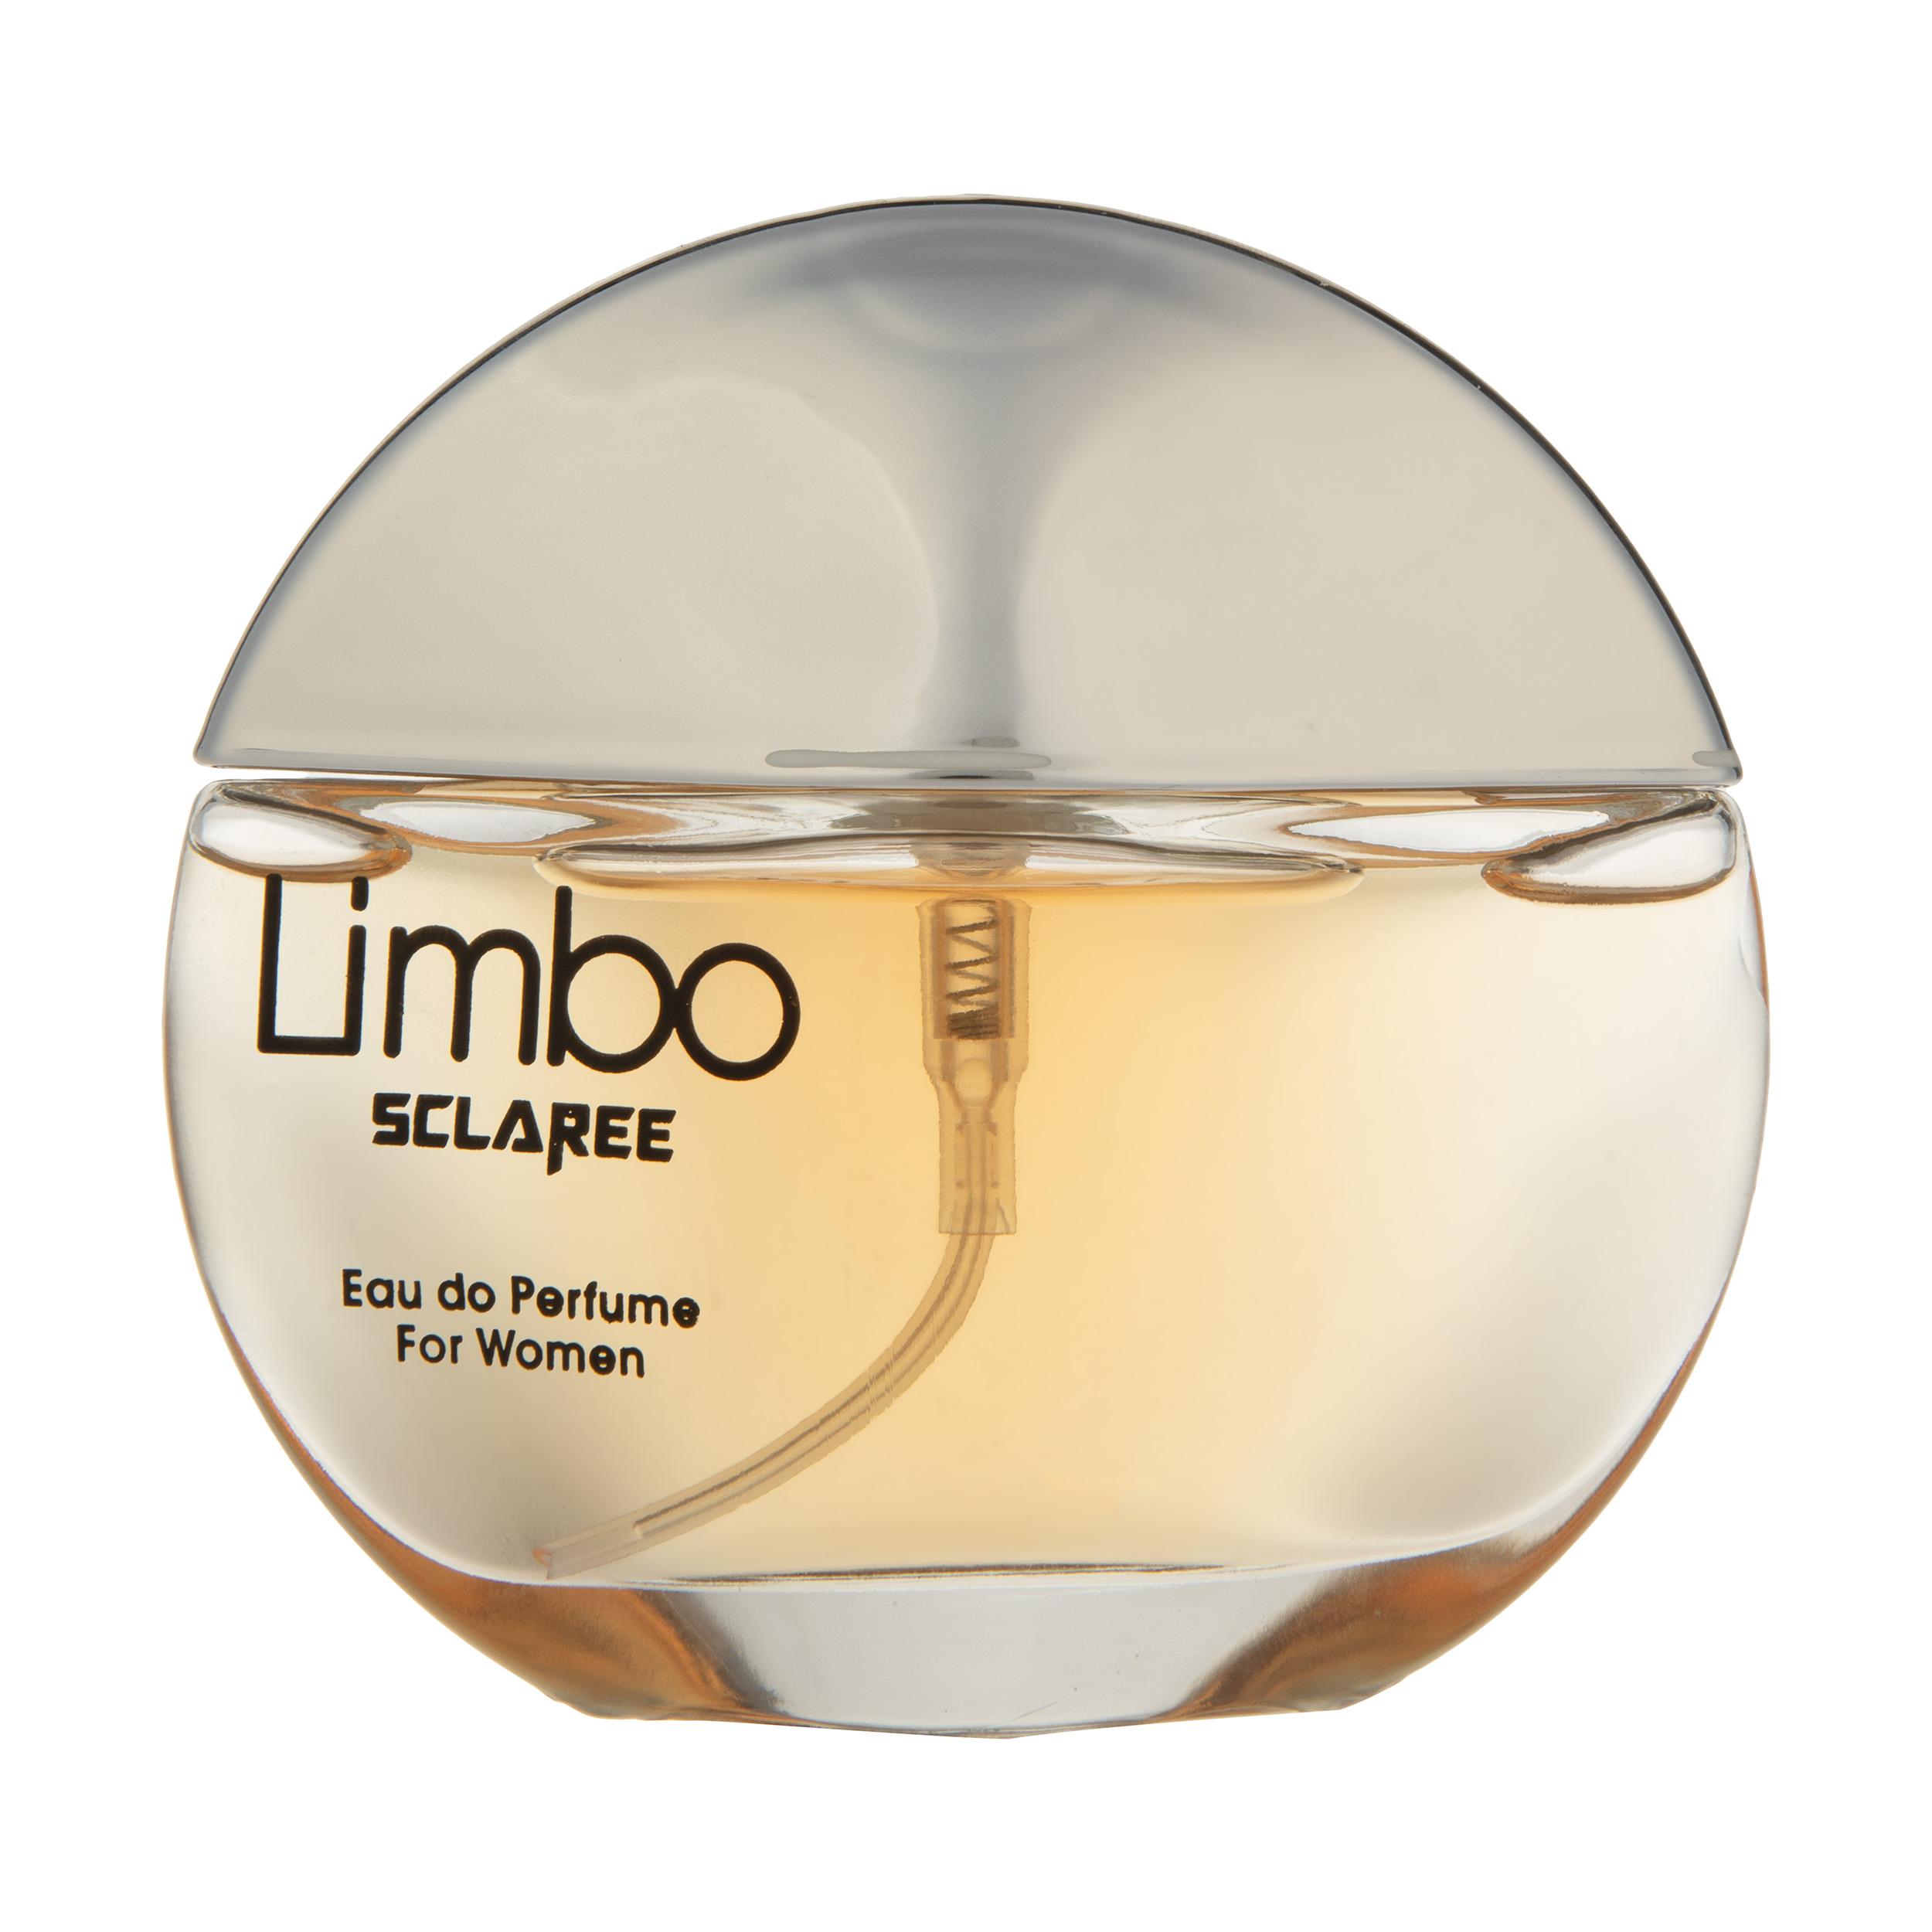 ادو پرفیوم زنانه اسکلاره مدل Limbo حجم 55 میلی لیتر